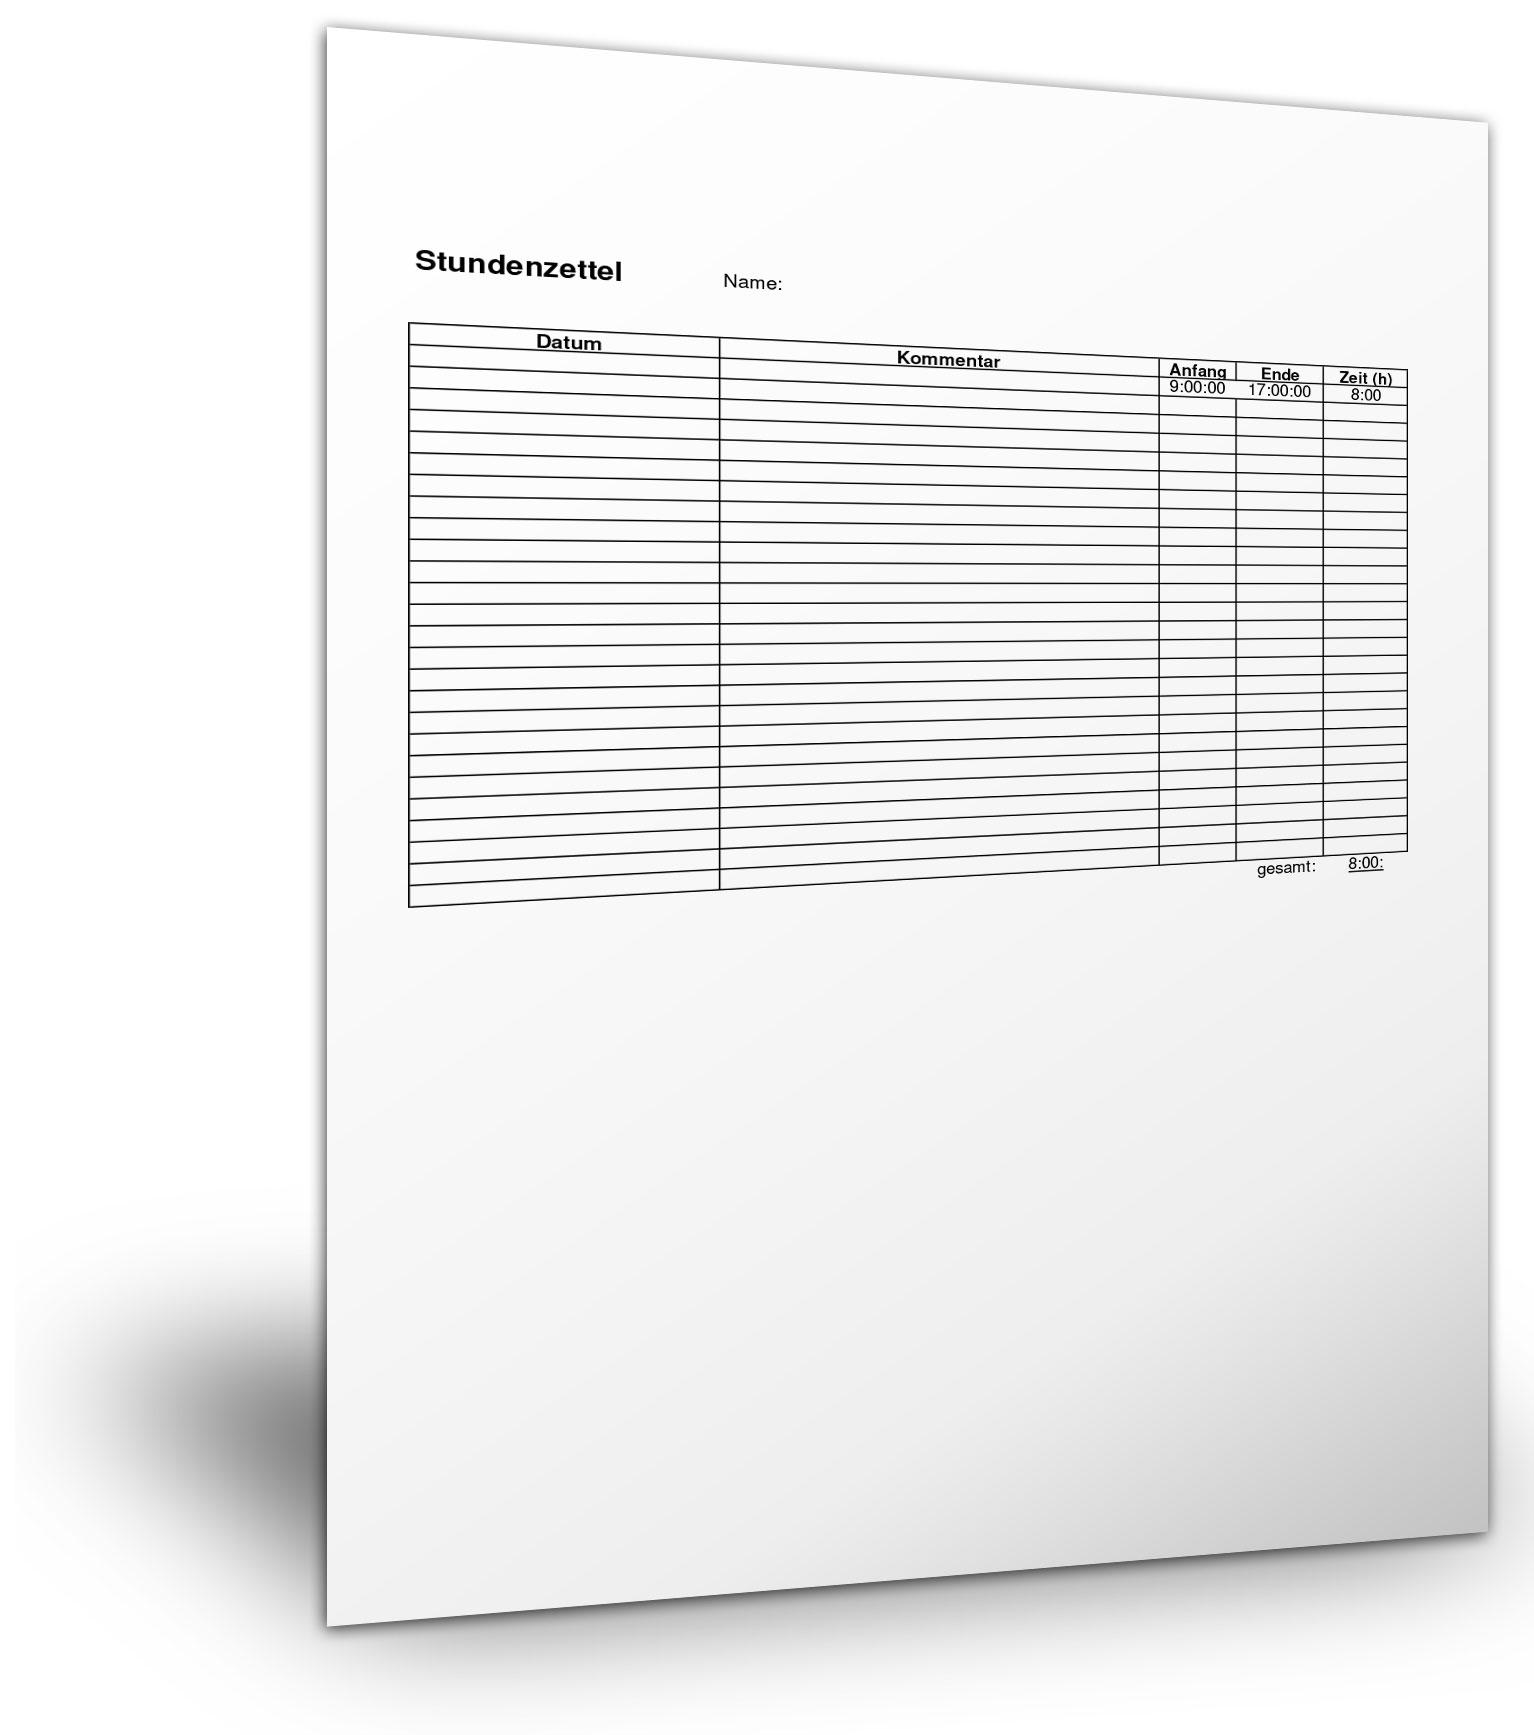 Stundenzettel Kostenlose Vordrucke Und Mustervorlagen Downloaden